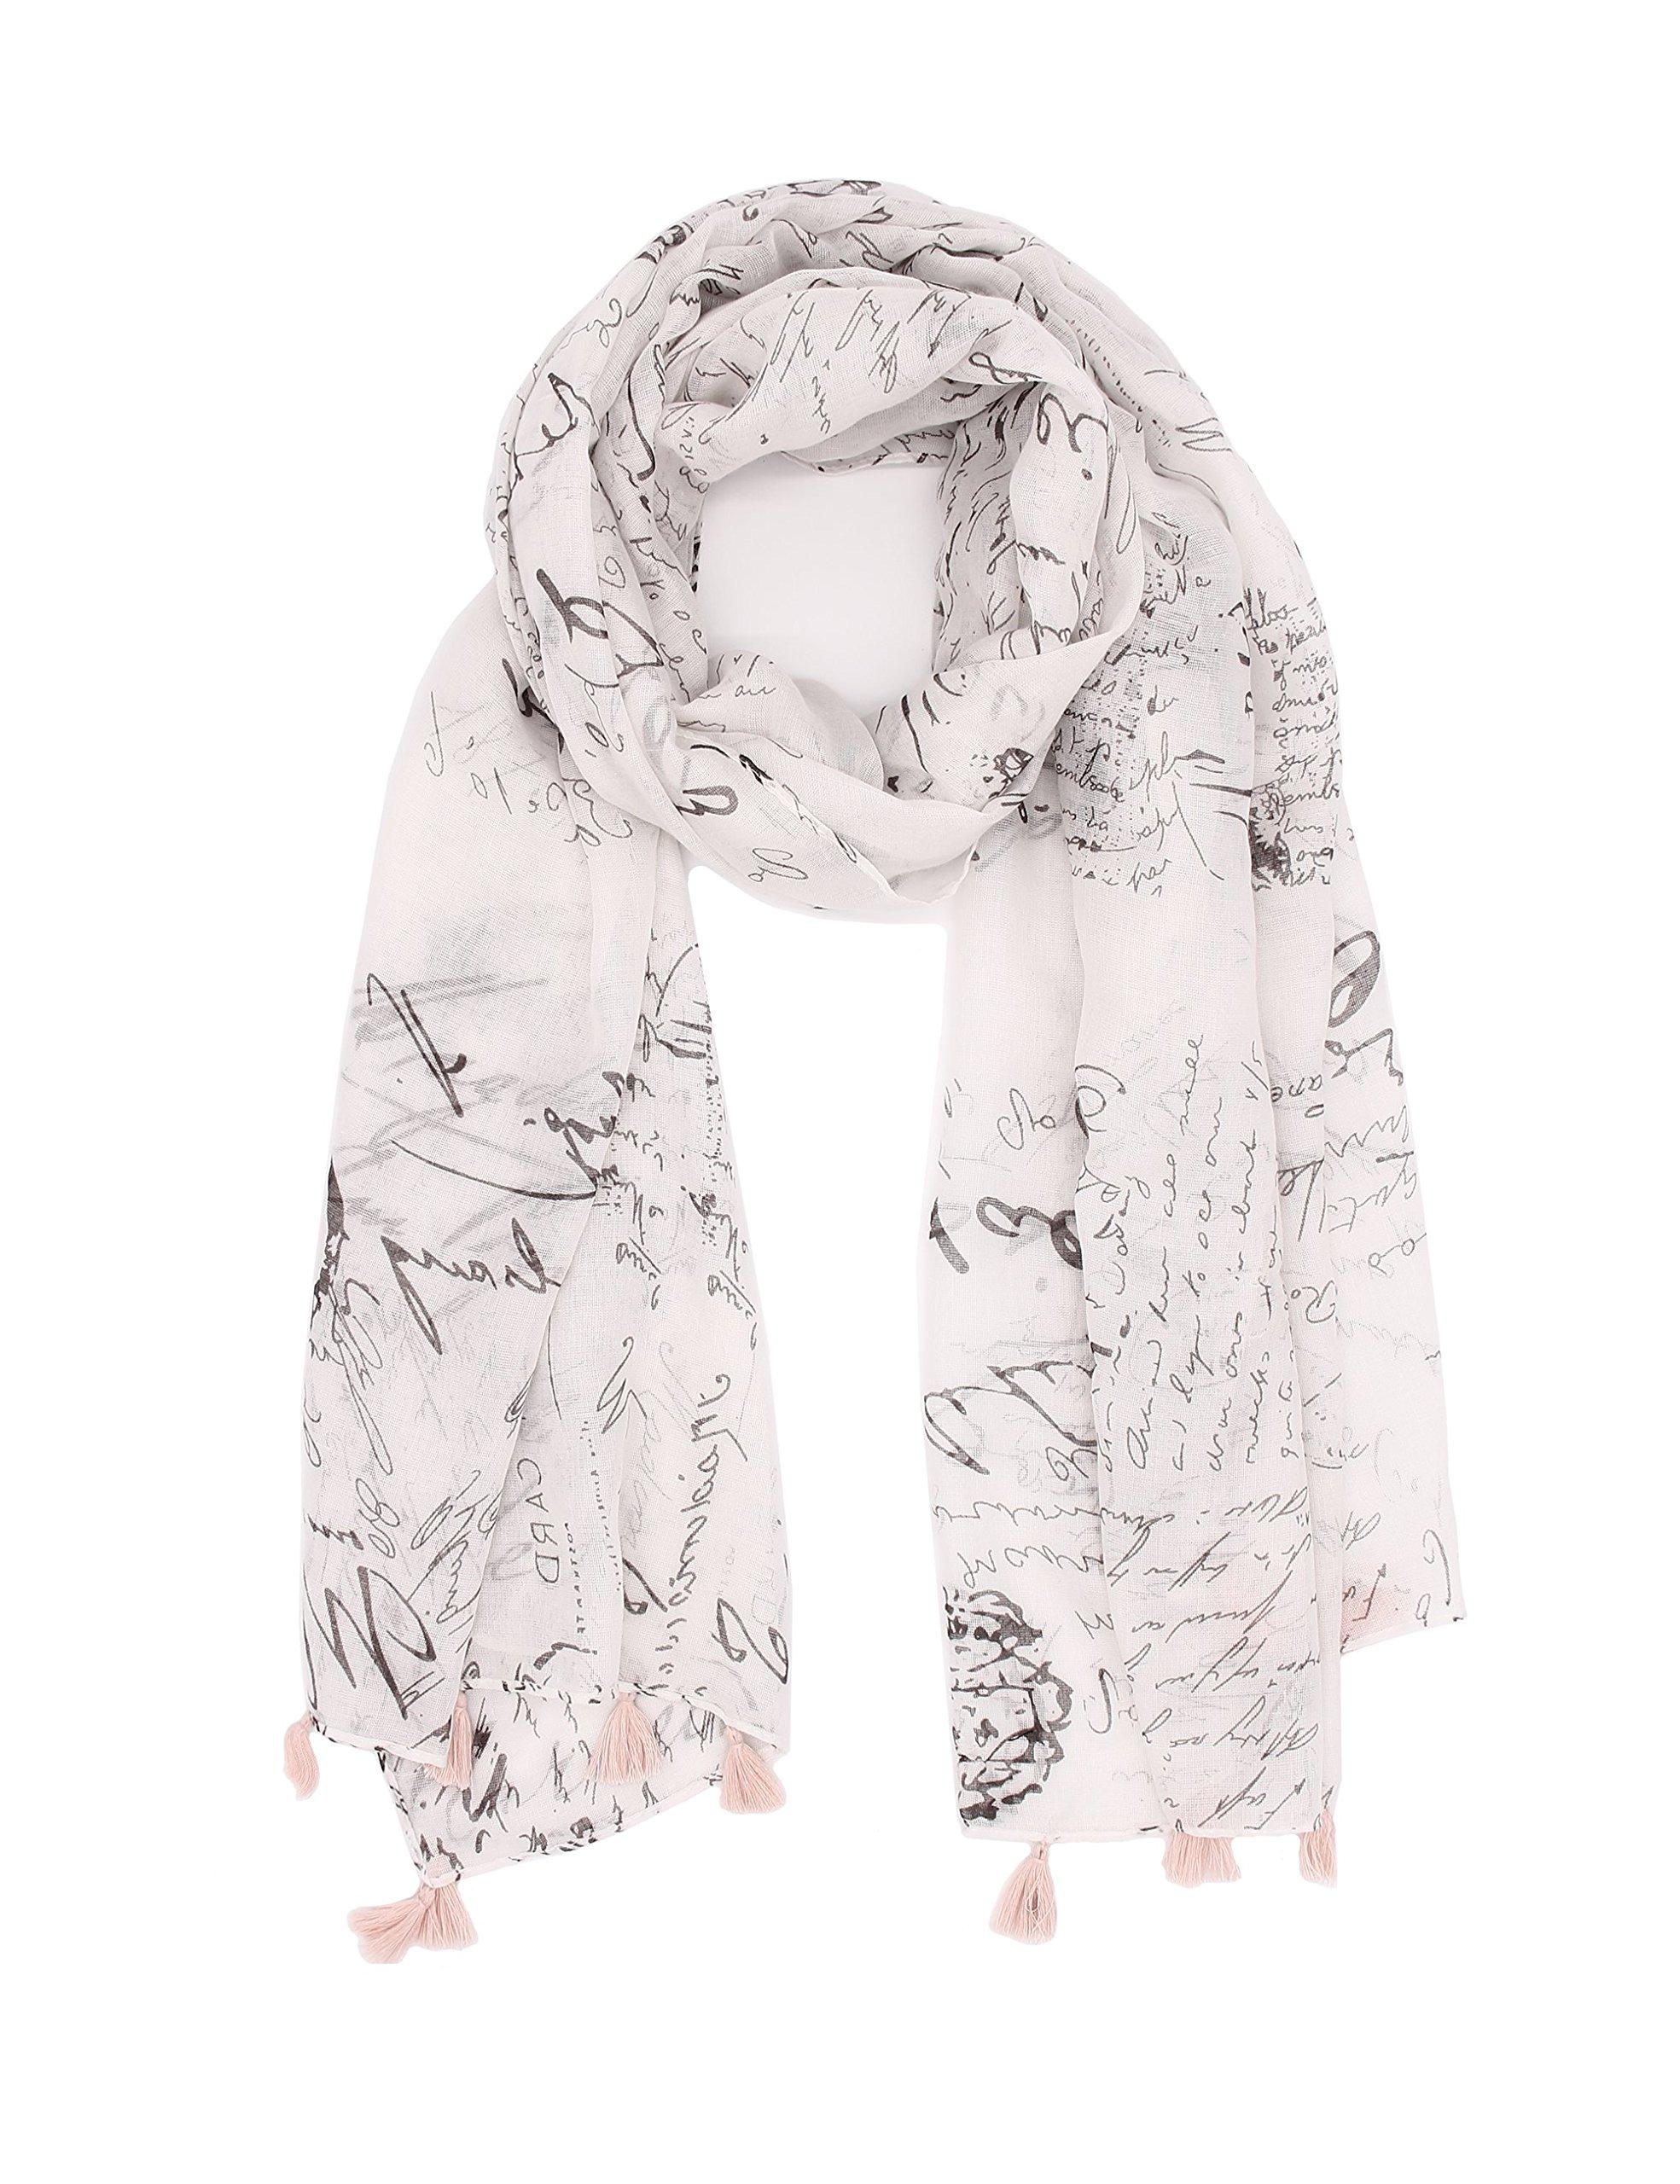 Summer Chiffon Scarfs For Women Lightweight Fashion Soft Large Shawl Wrap Vintage Print Long Head Scarfs By J'Mysticon